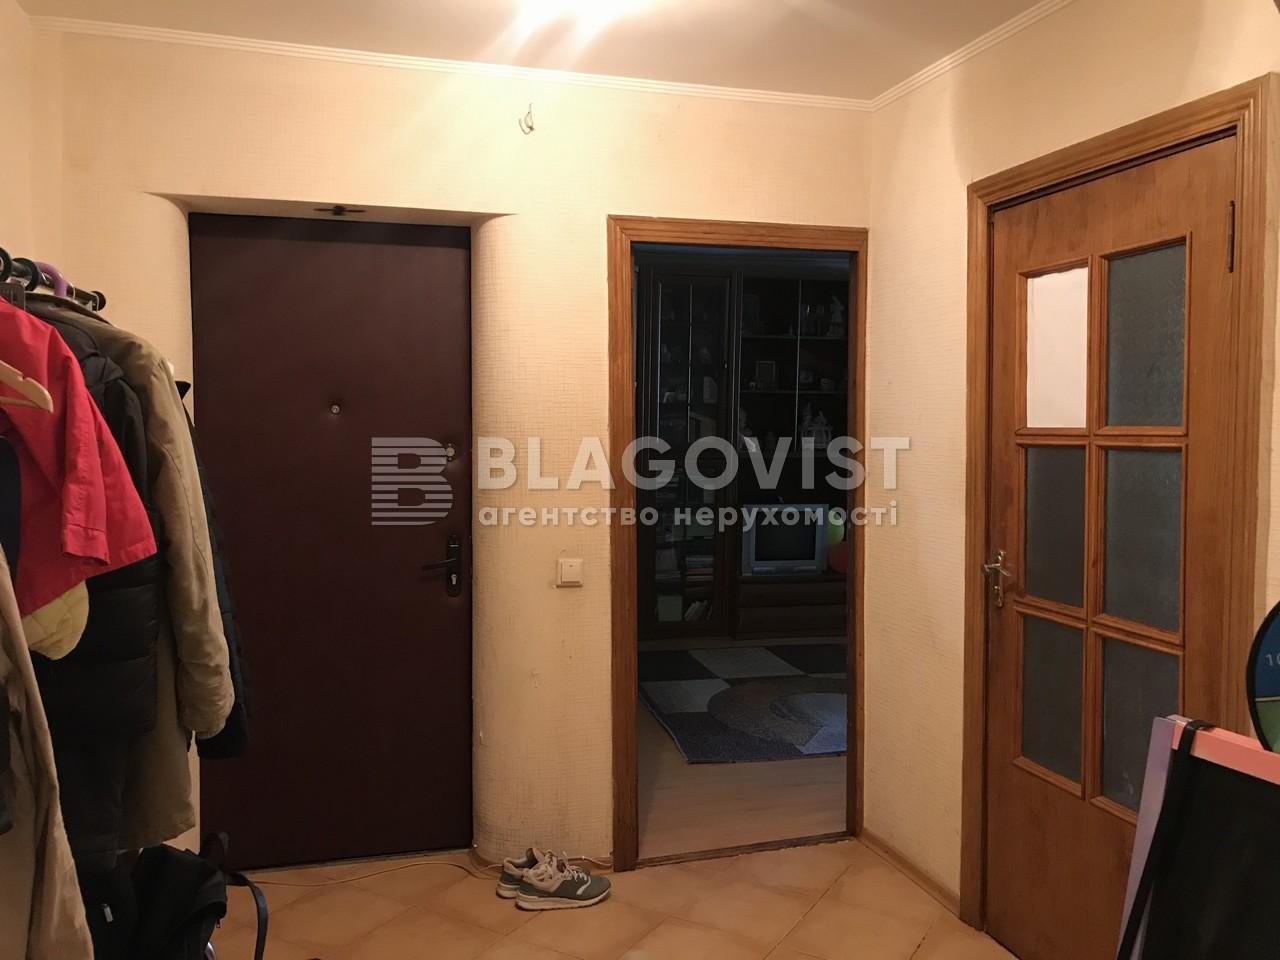 Квартира D-37190, Григоренко Петра просп., 39а, Киев - Фото 23